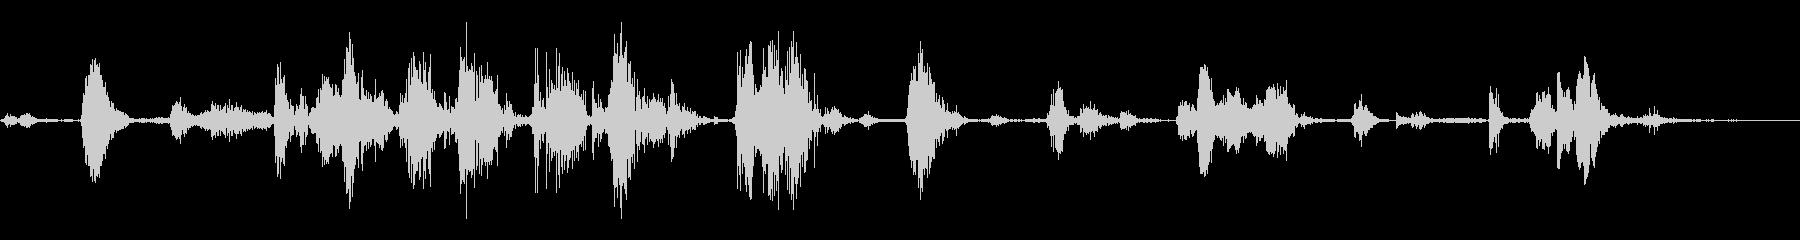 ロボットステルスムーブメントロング...の未再生の波形